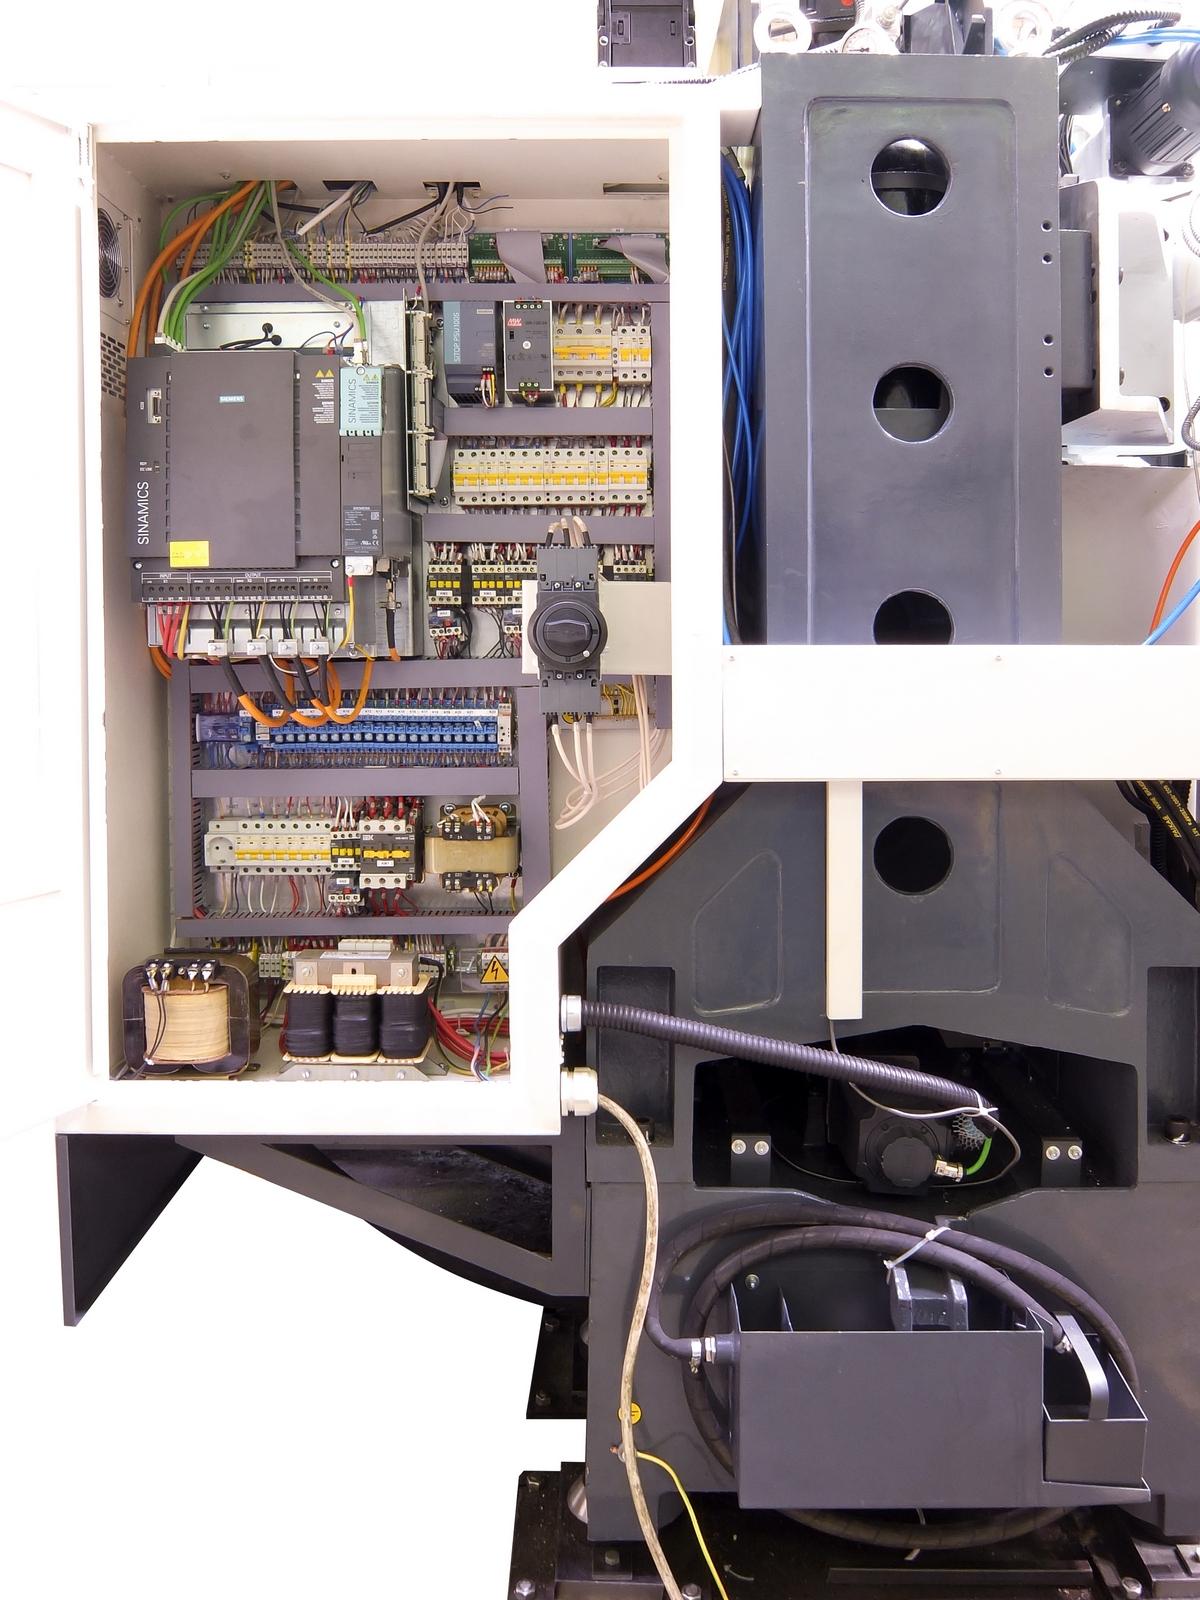 ФС65МФ4, электрошкаф вид сзади